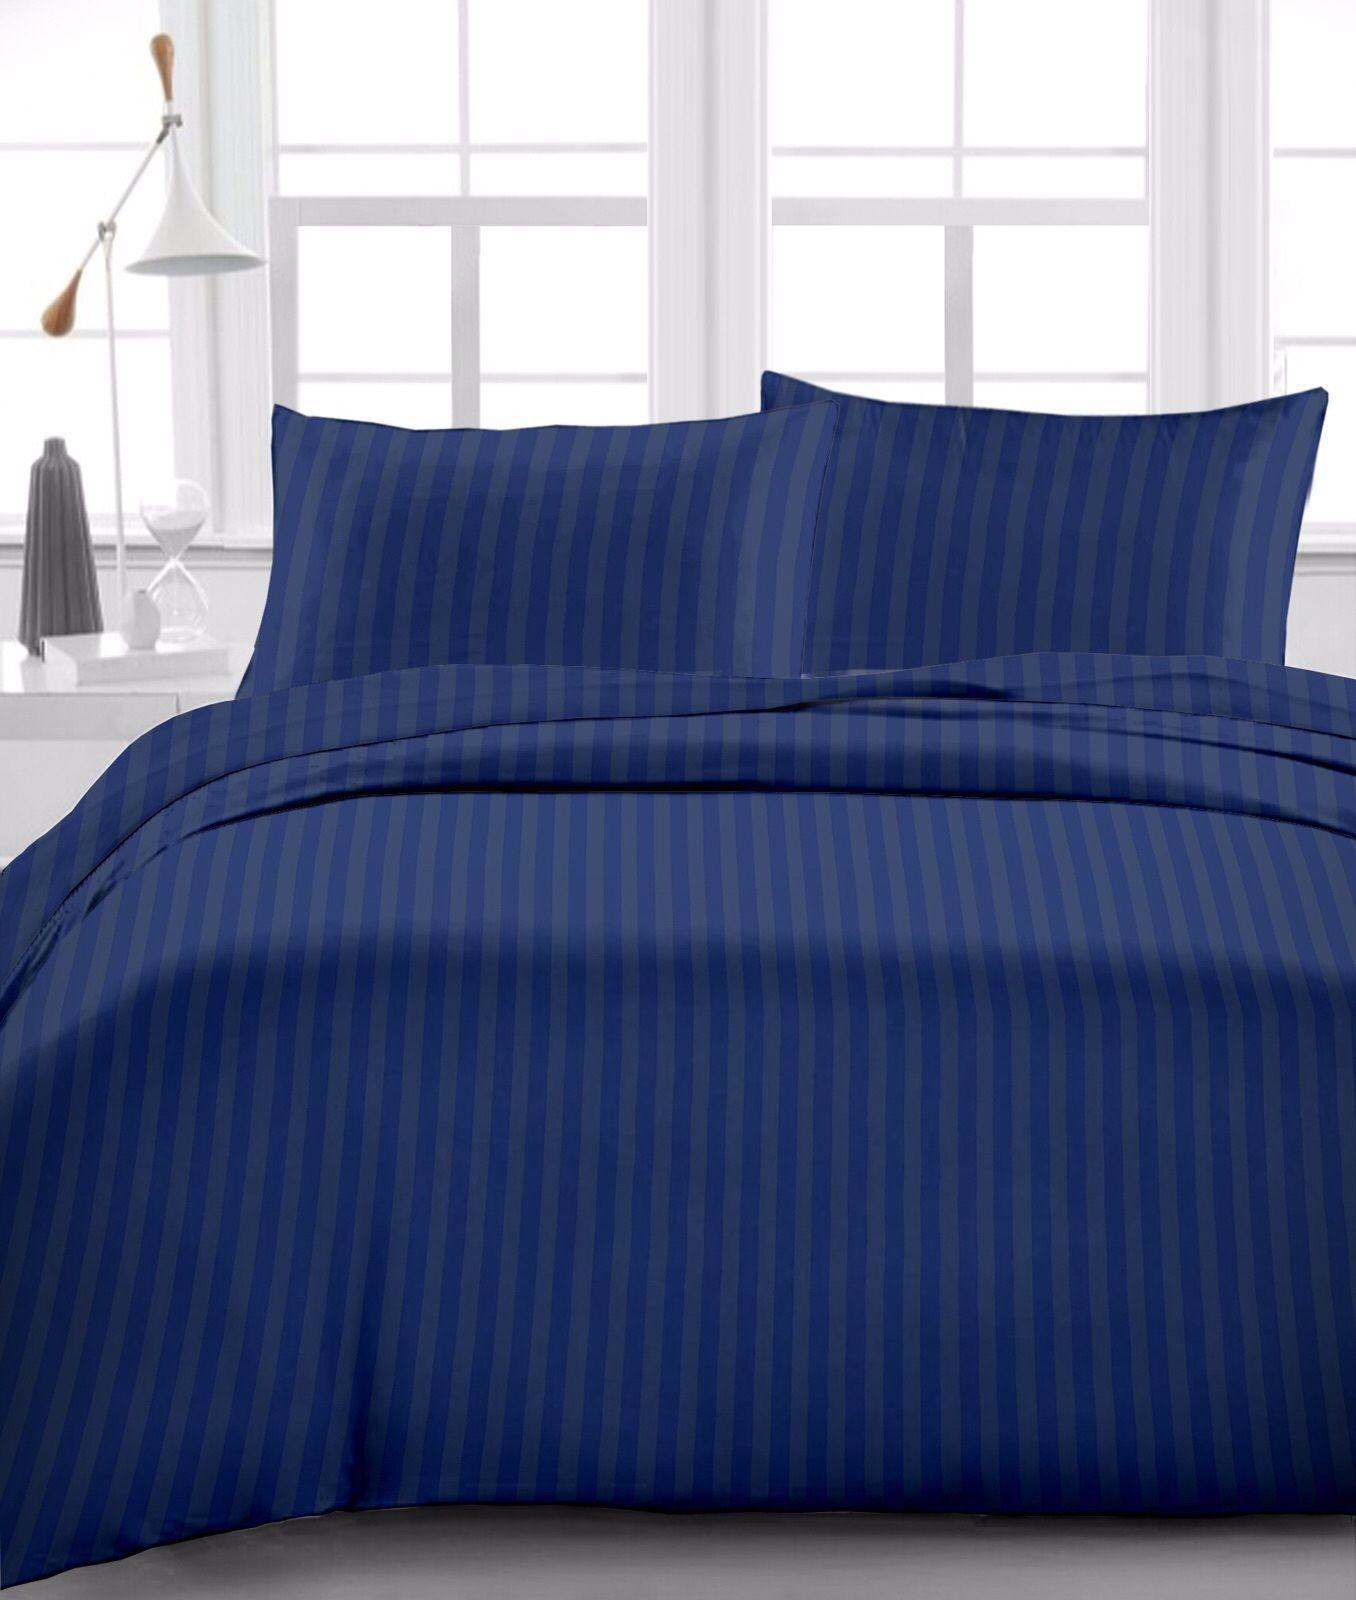 ensembles de couette housses de couette 6 pcs sheet set egyptian cotton sateen weave drop 8 to 20 inch navy blue stripe